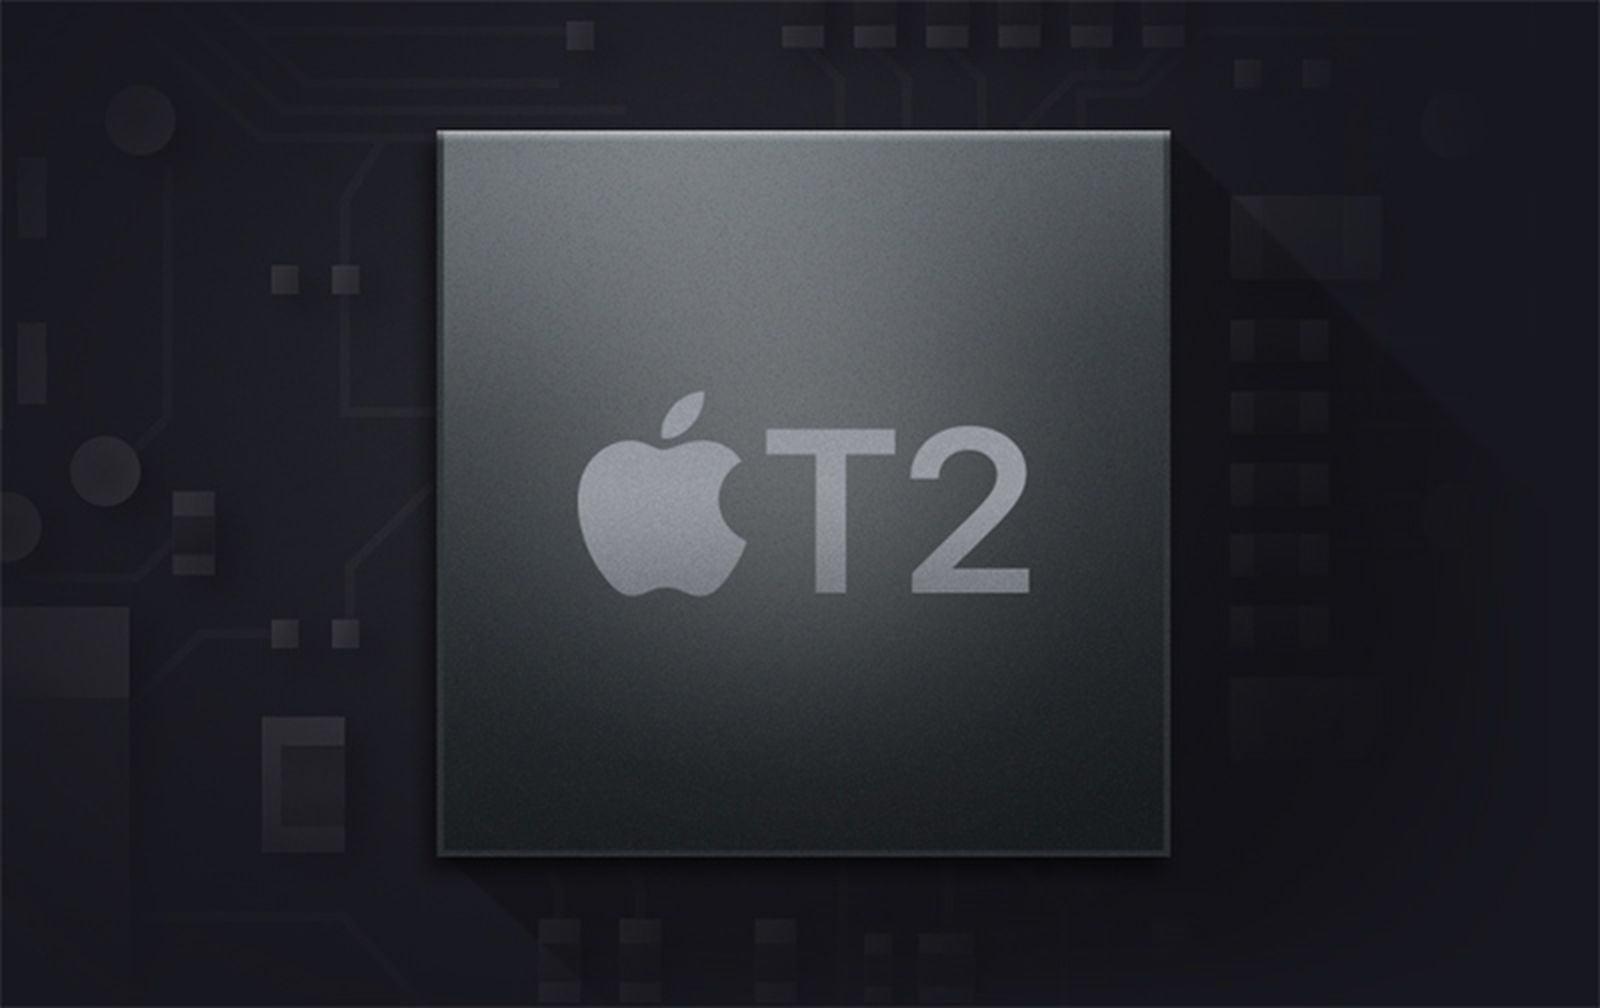 Układ T2 z problemami. Czy Apple ma poważny problem?